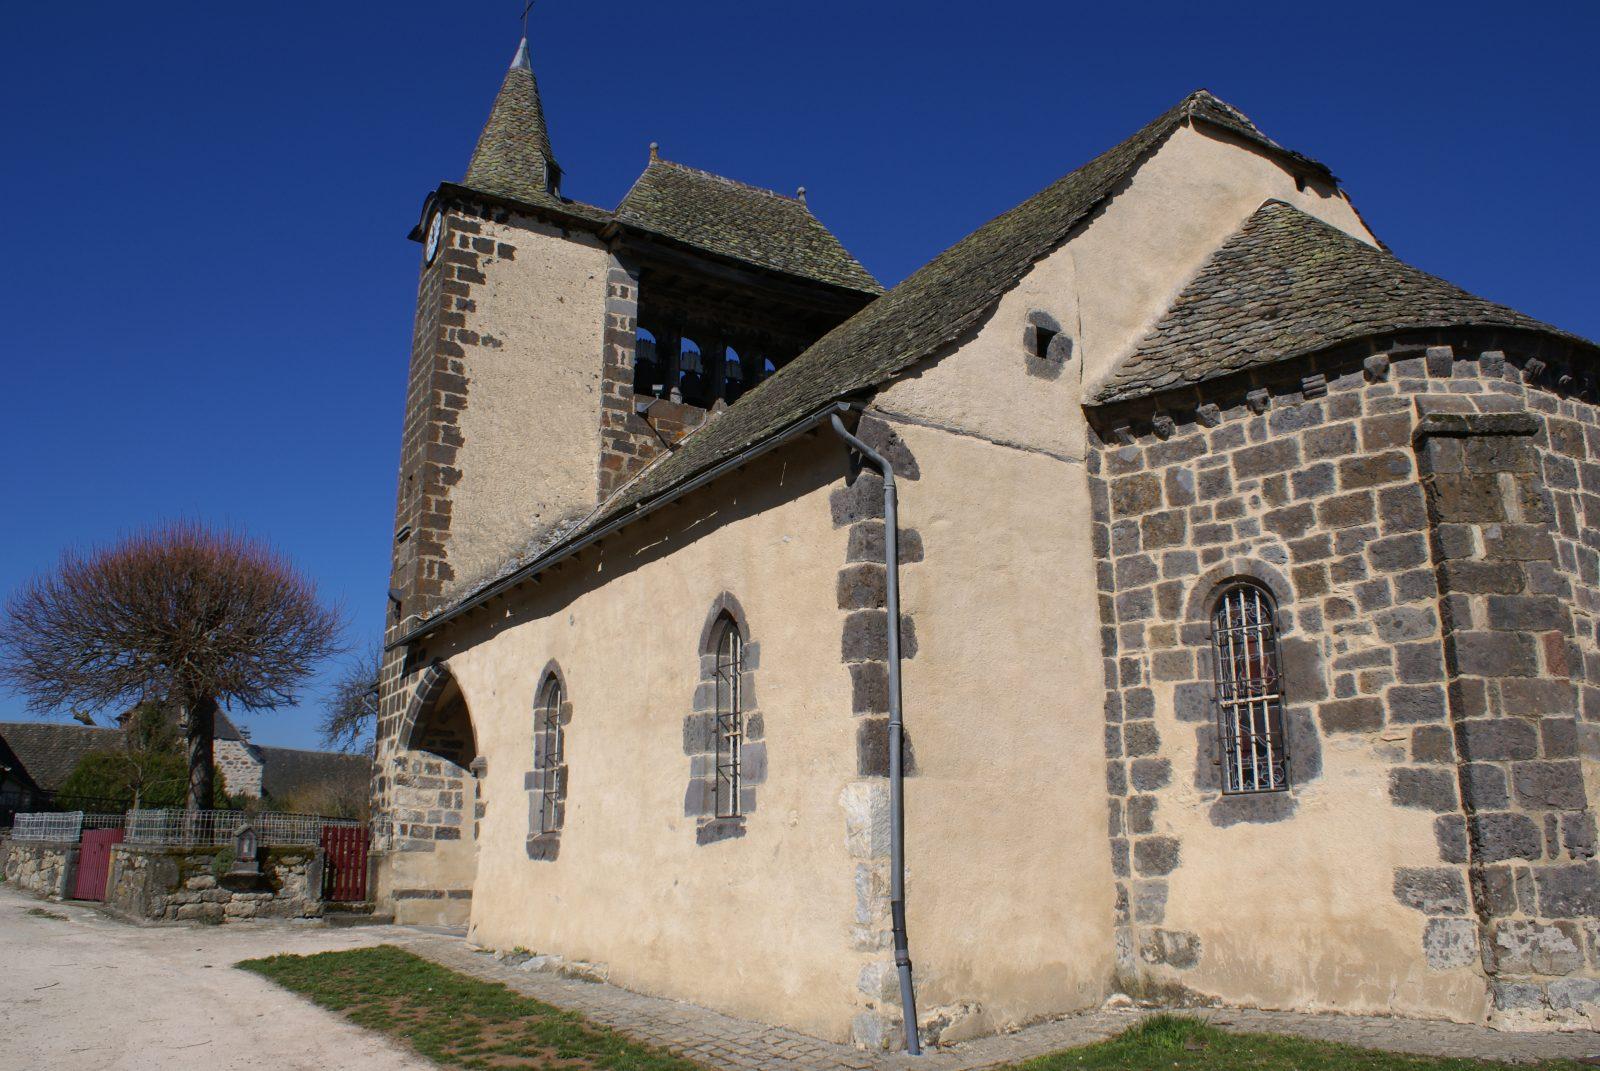 Eglise de Sainte-Marie-6